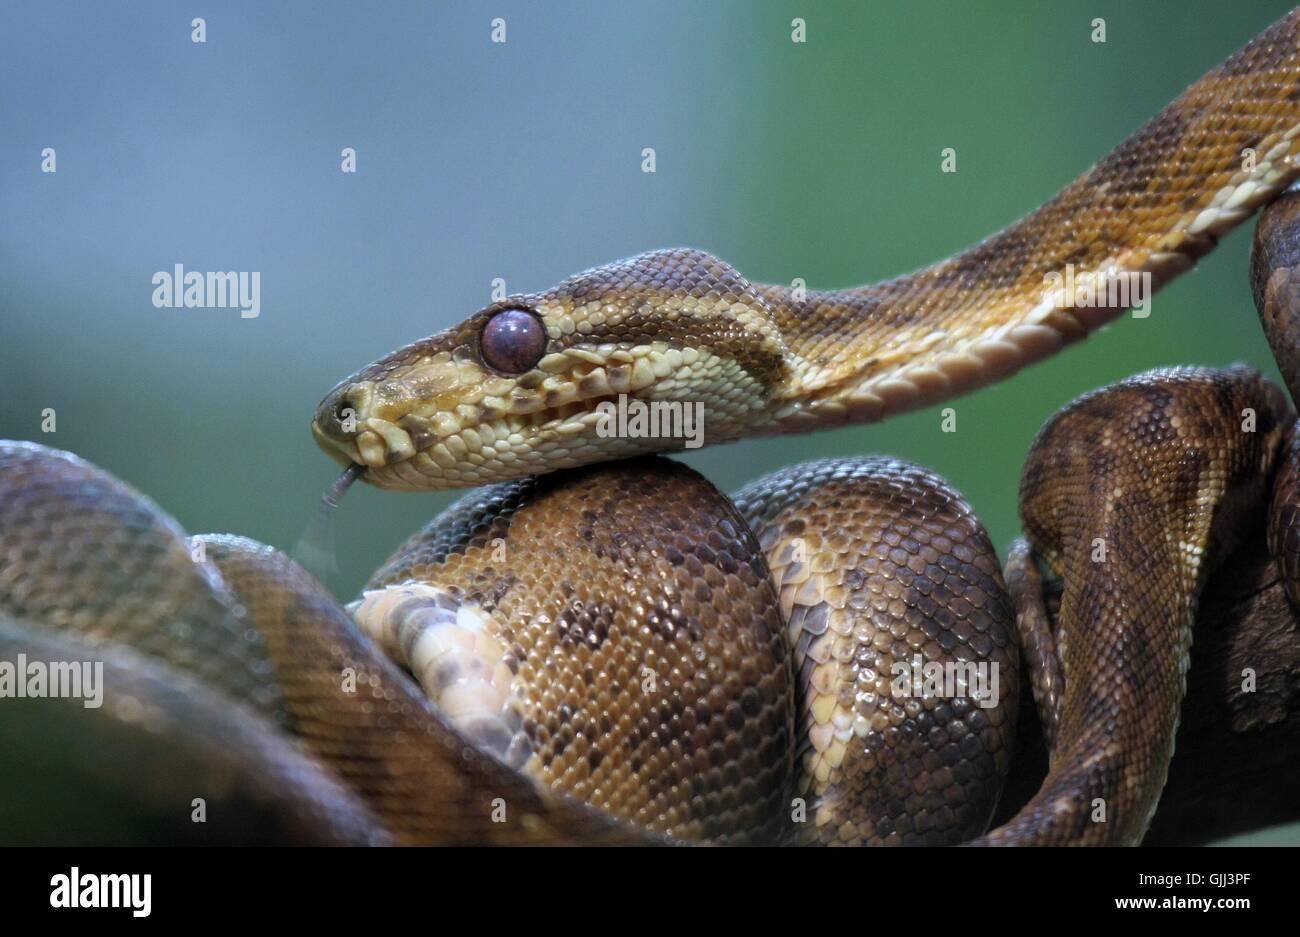 snakes amazon green Stock Photo: 114724135 - Alamy